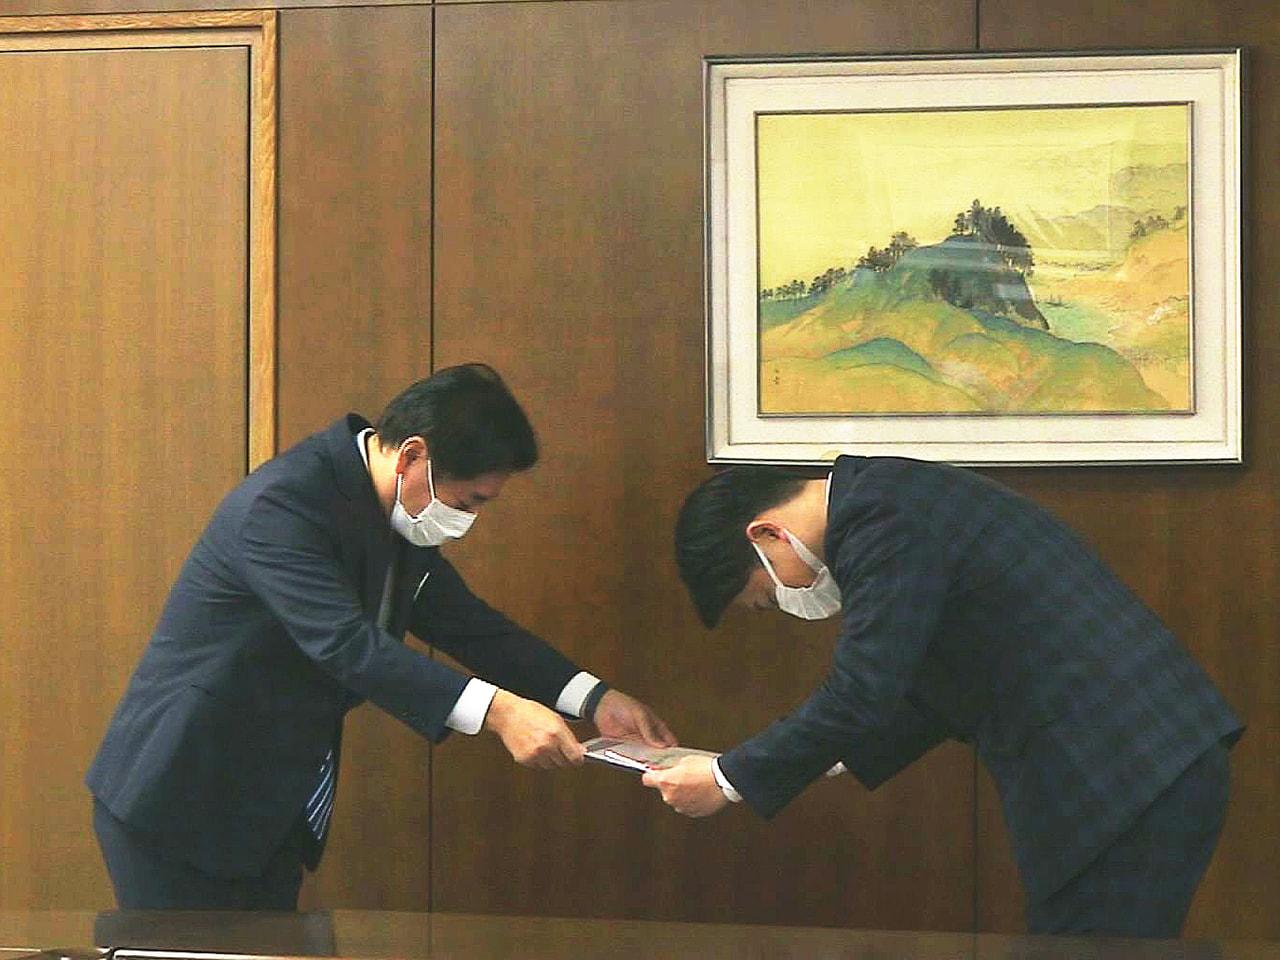 明治安田生命は岐阜市の医療や福祉などに役立ててもらおうと、40万円を寄付しました...